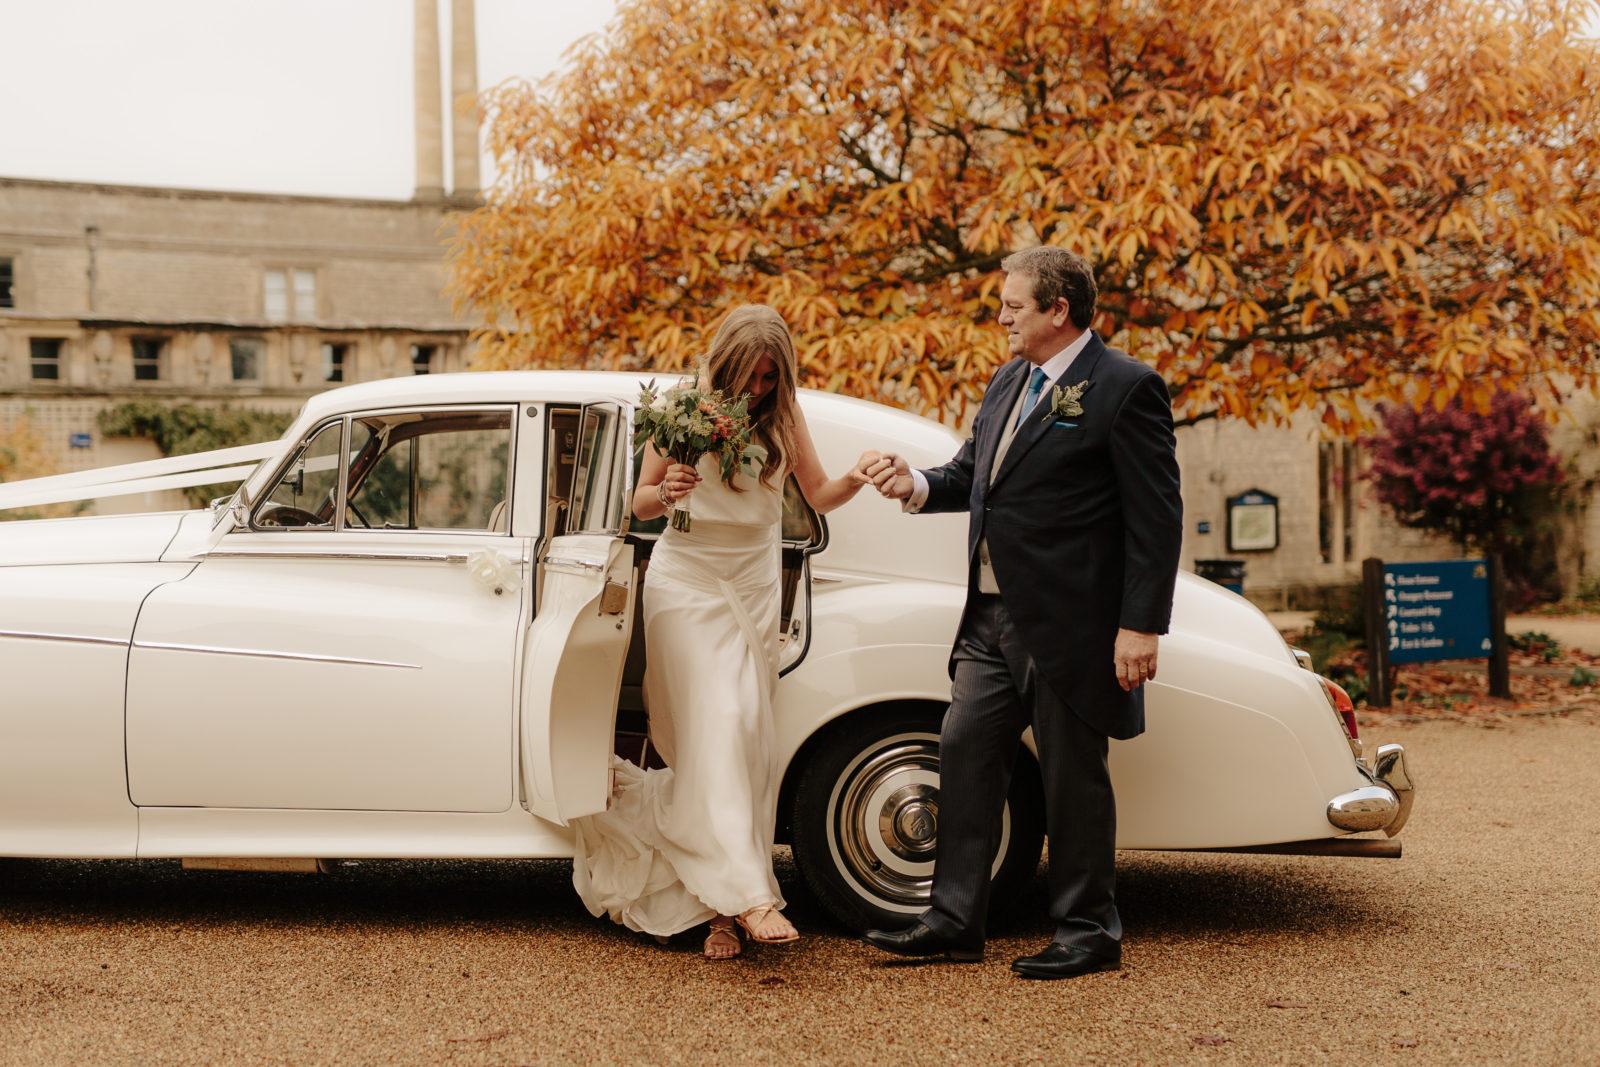 Wedding Dress - Delphine Manivet Hyppolite